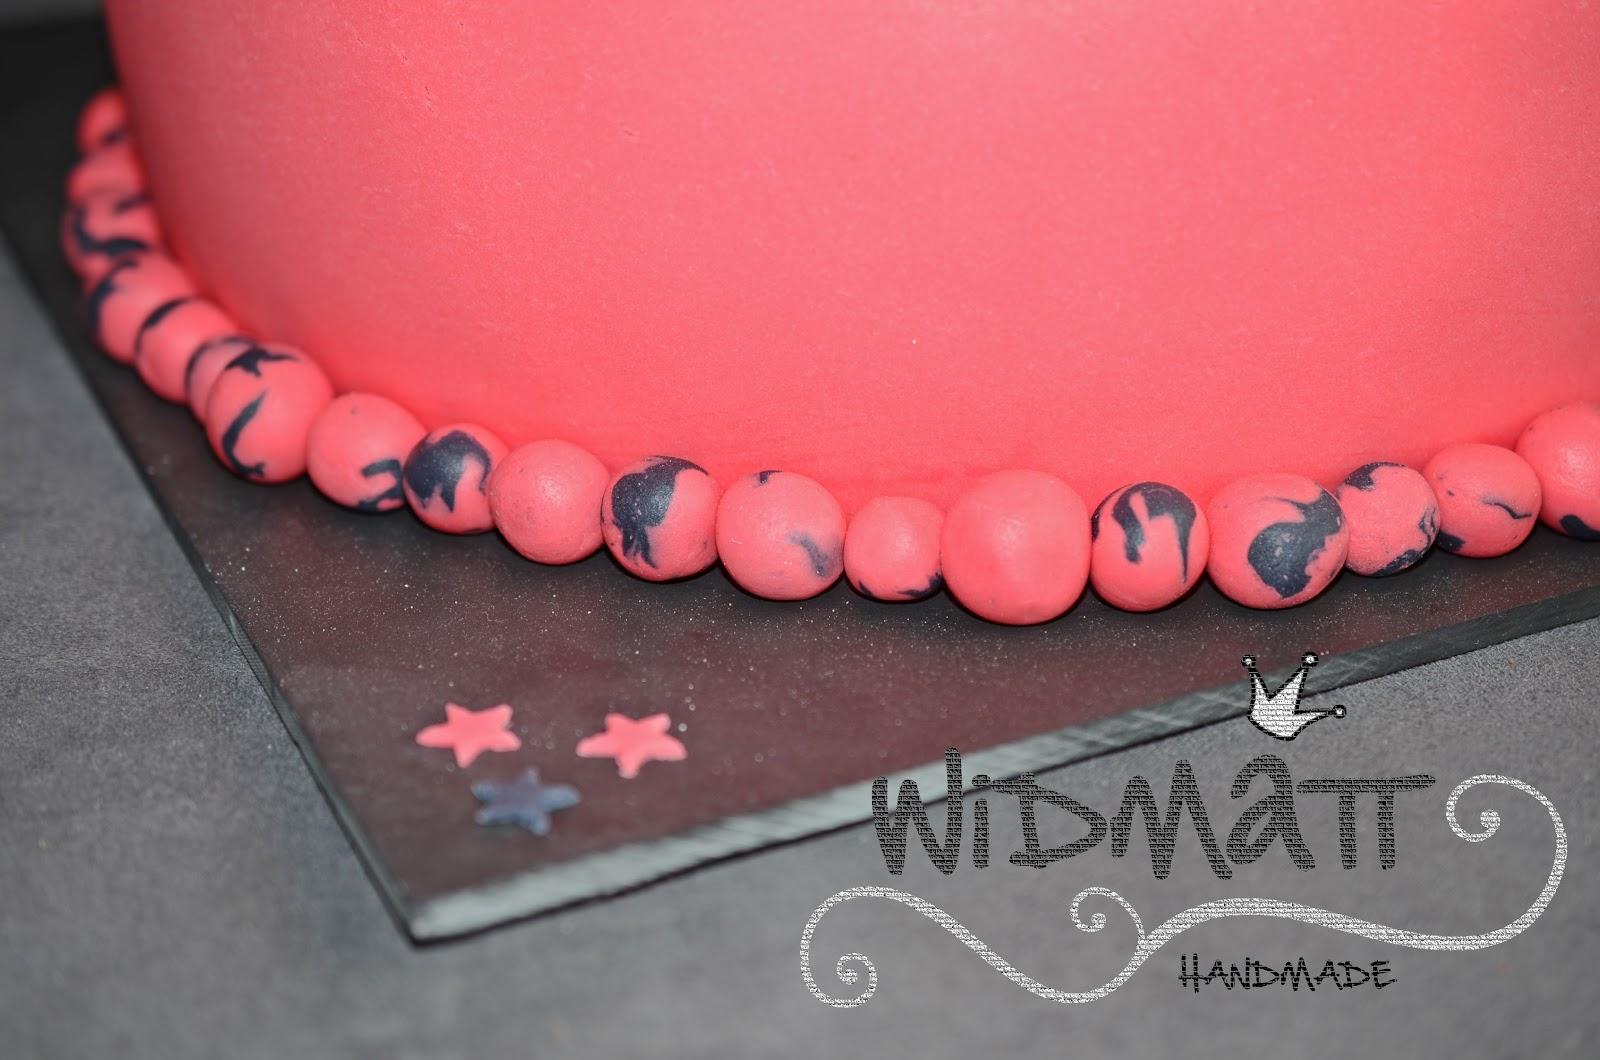 Widmatt Hochzeitstorte In Pink Schwarz Mit Converse Schuhen